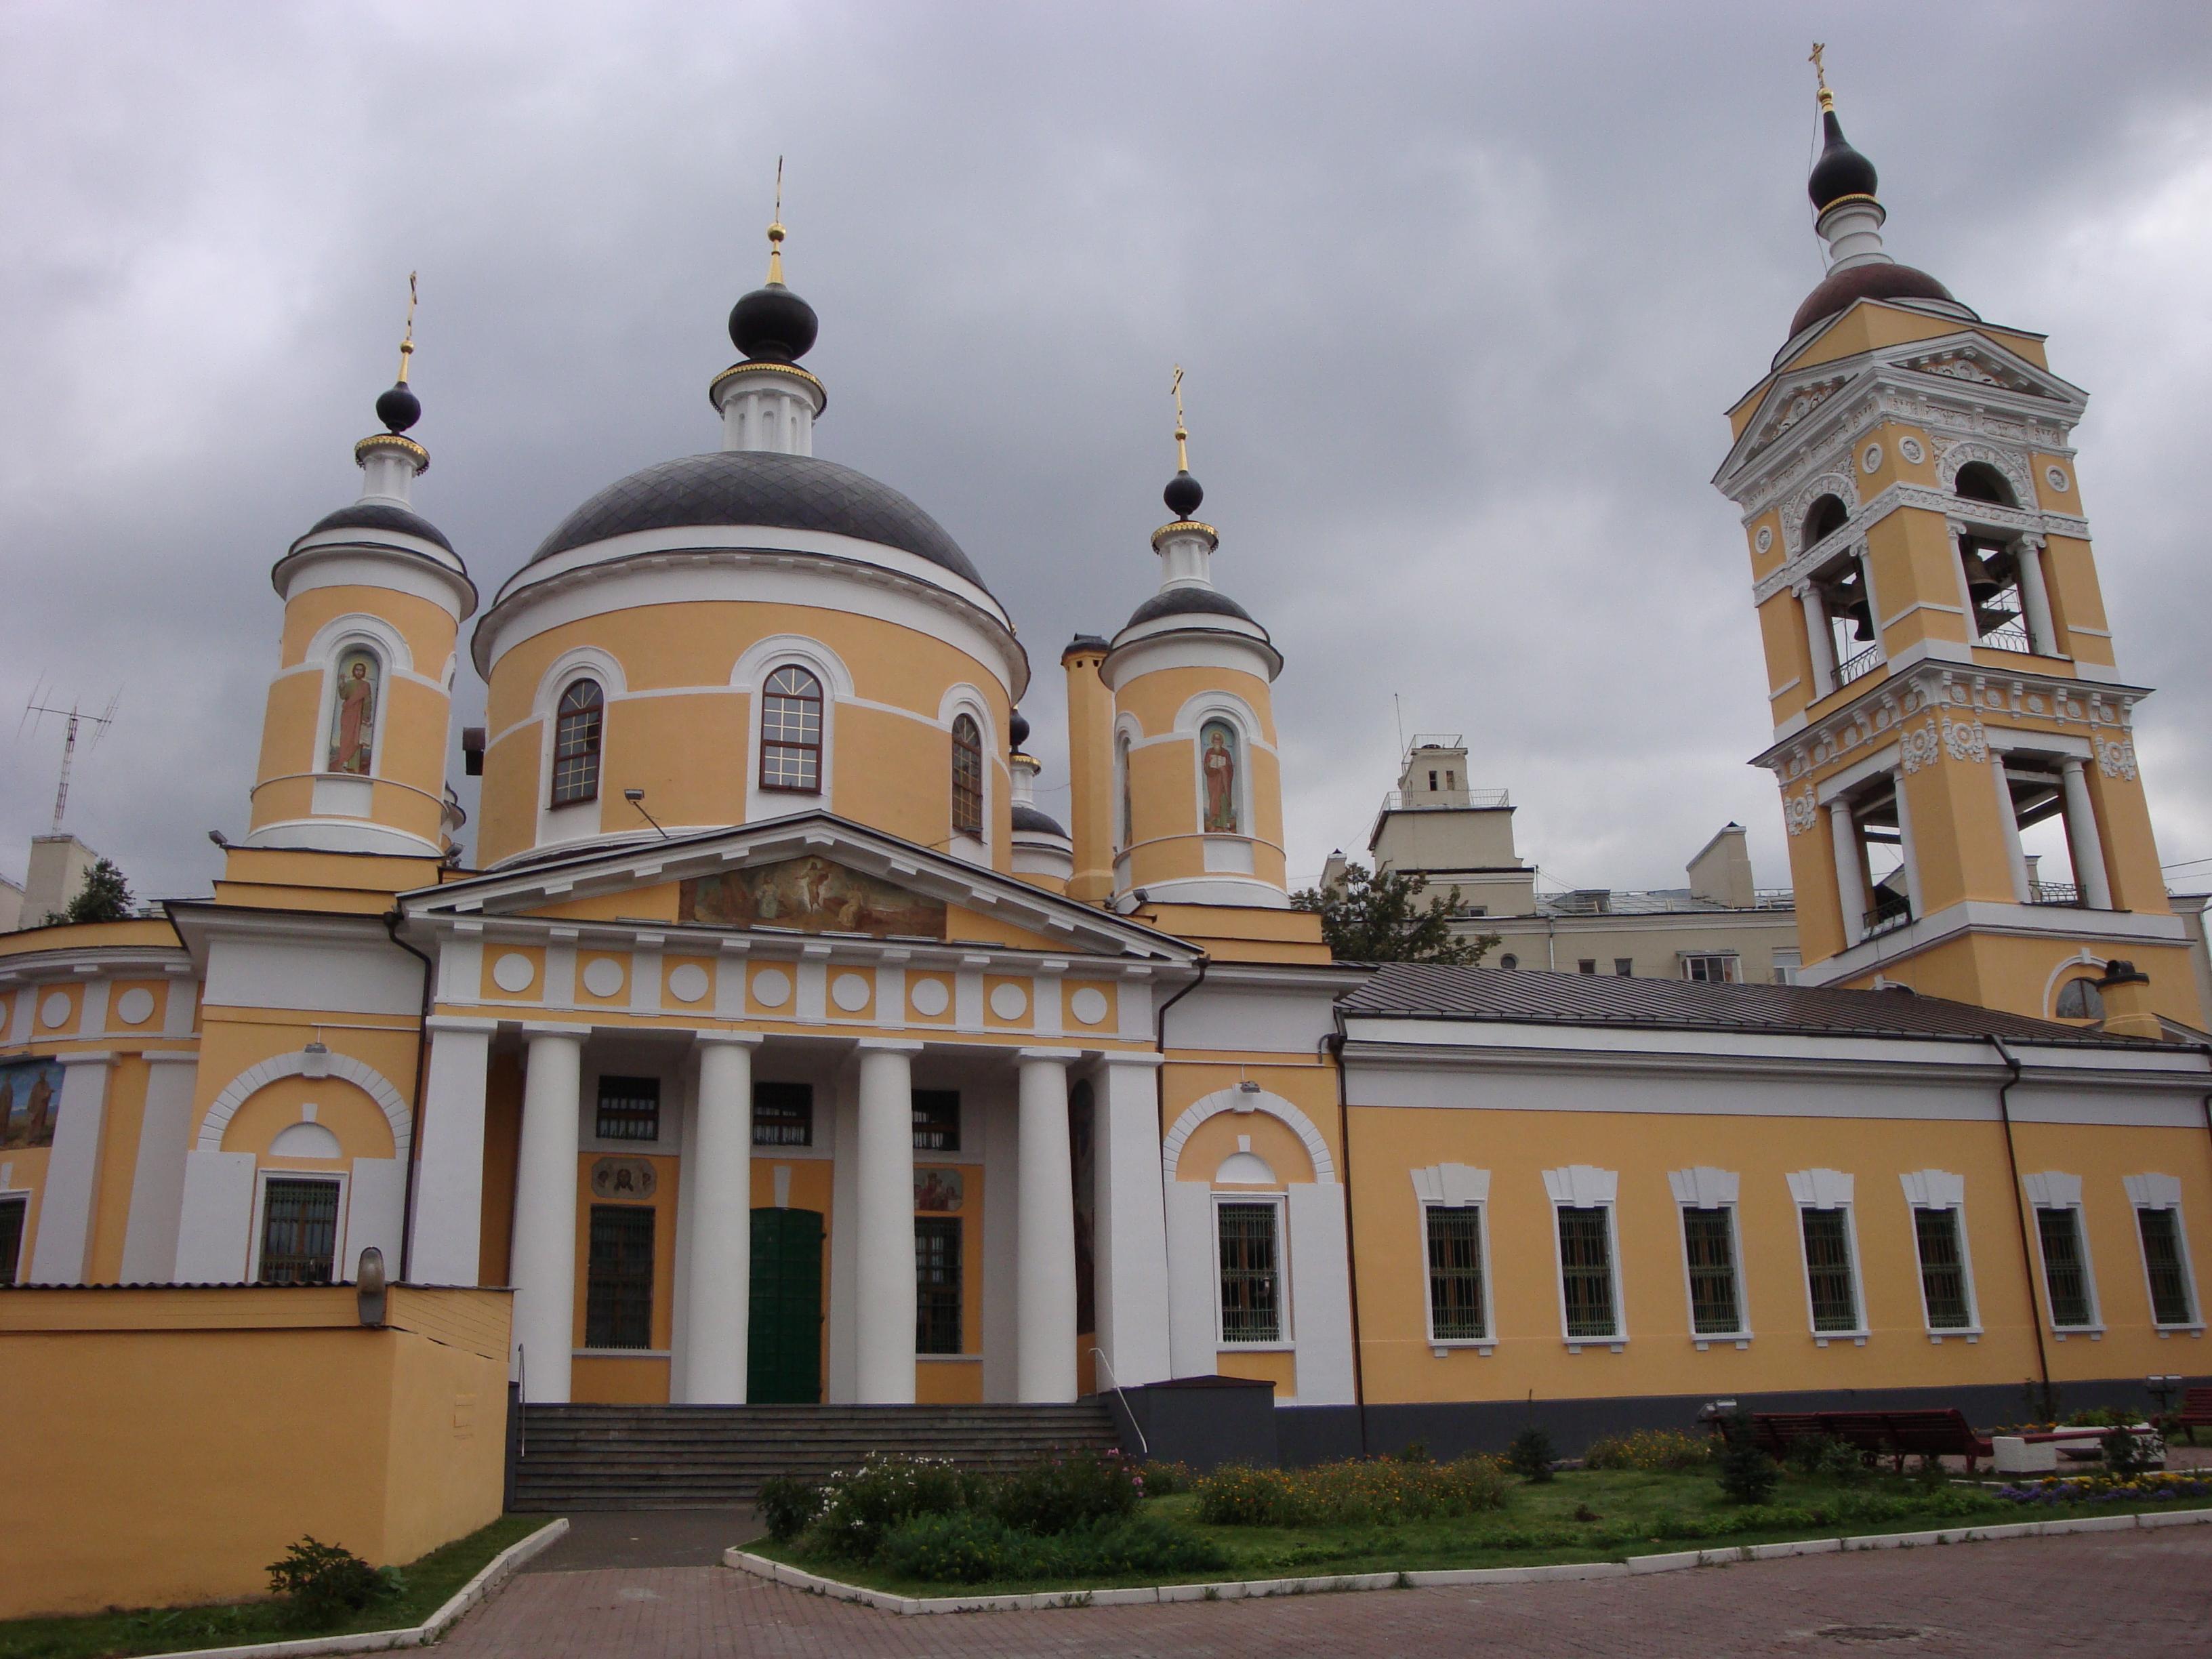 Картинки по запросу Троицкий храм в Подольске